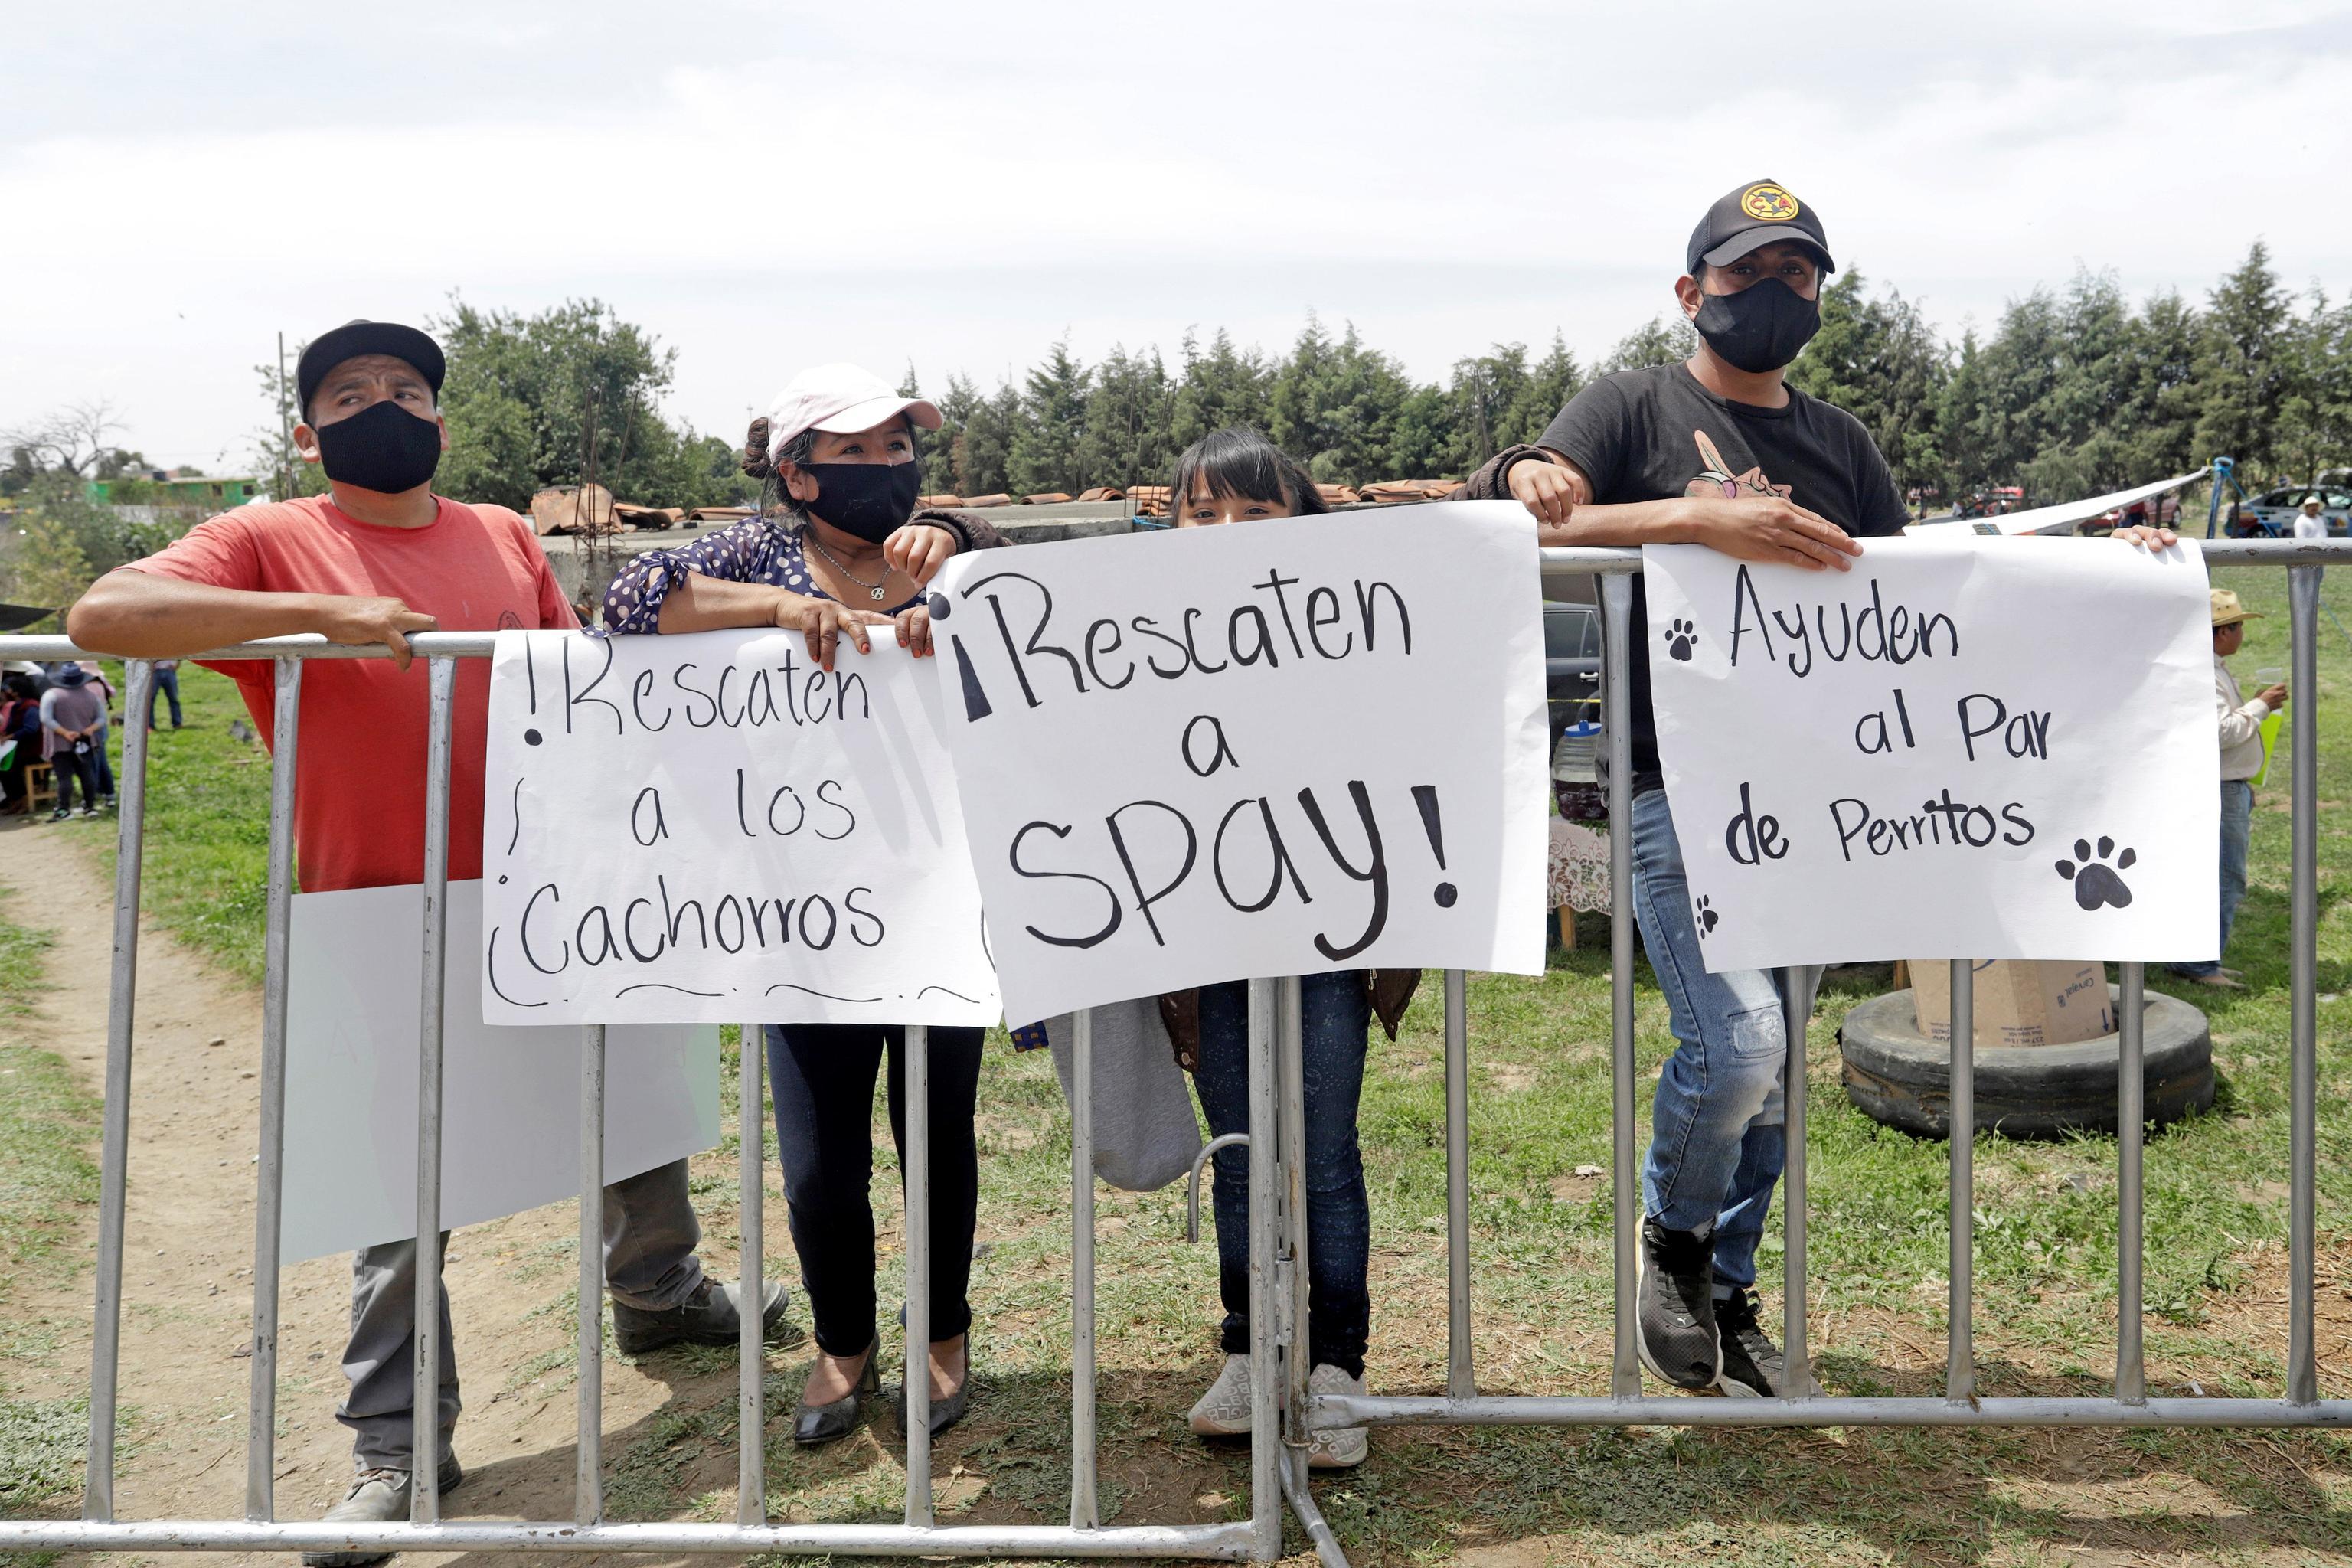 Habitantes de Santa María Zacatepec y animalistas protestan durante la visita del gobernador Miguel Barbosa a la zona del socavón, en Puebla (México).